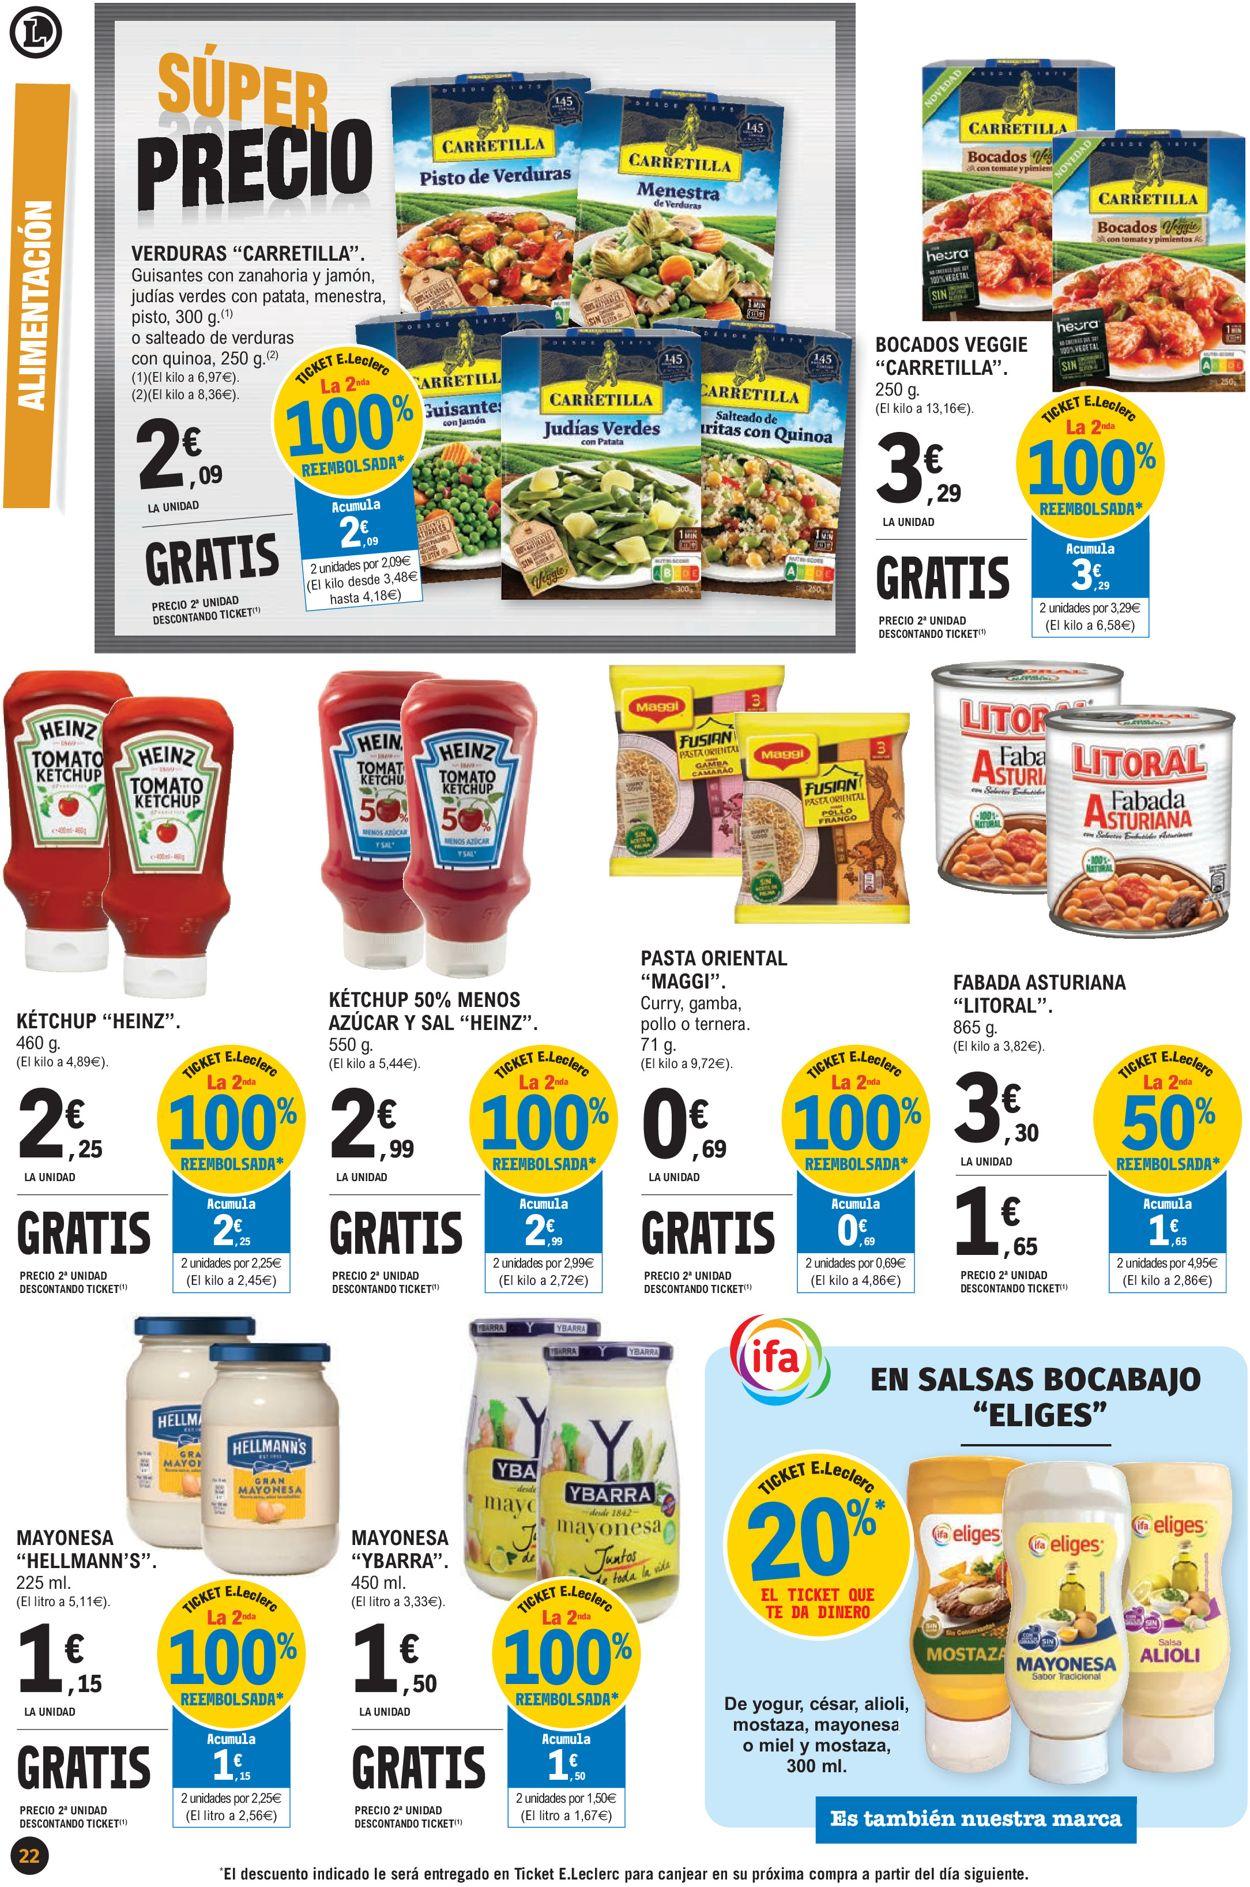 E.leclerc Súper Precios 2021 Folleto - 07.01-17.01.2021 (Página 22)